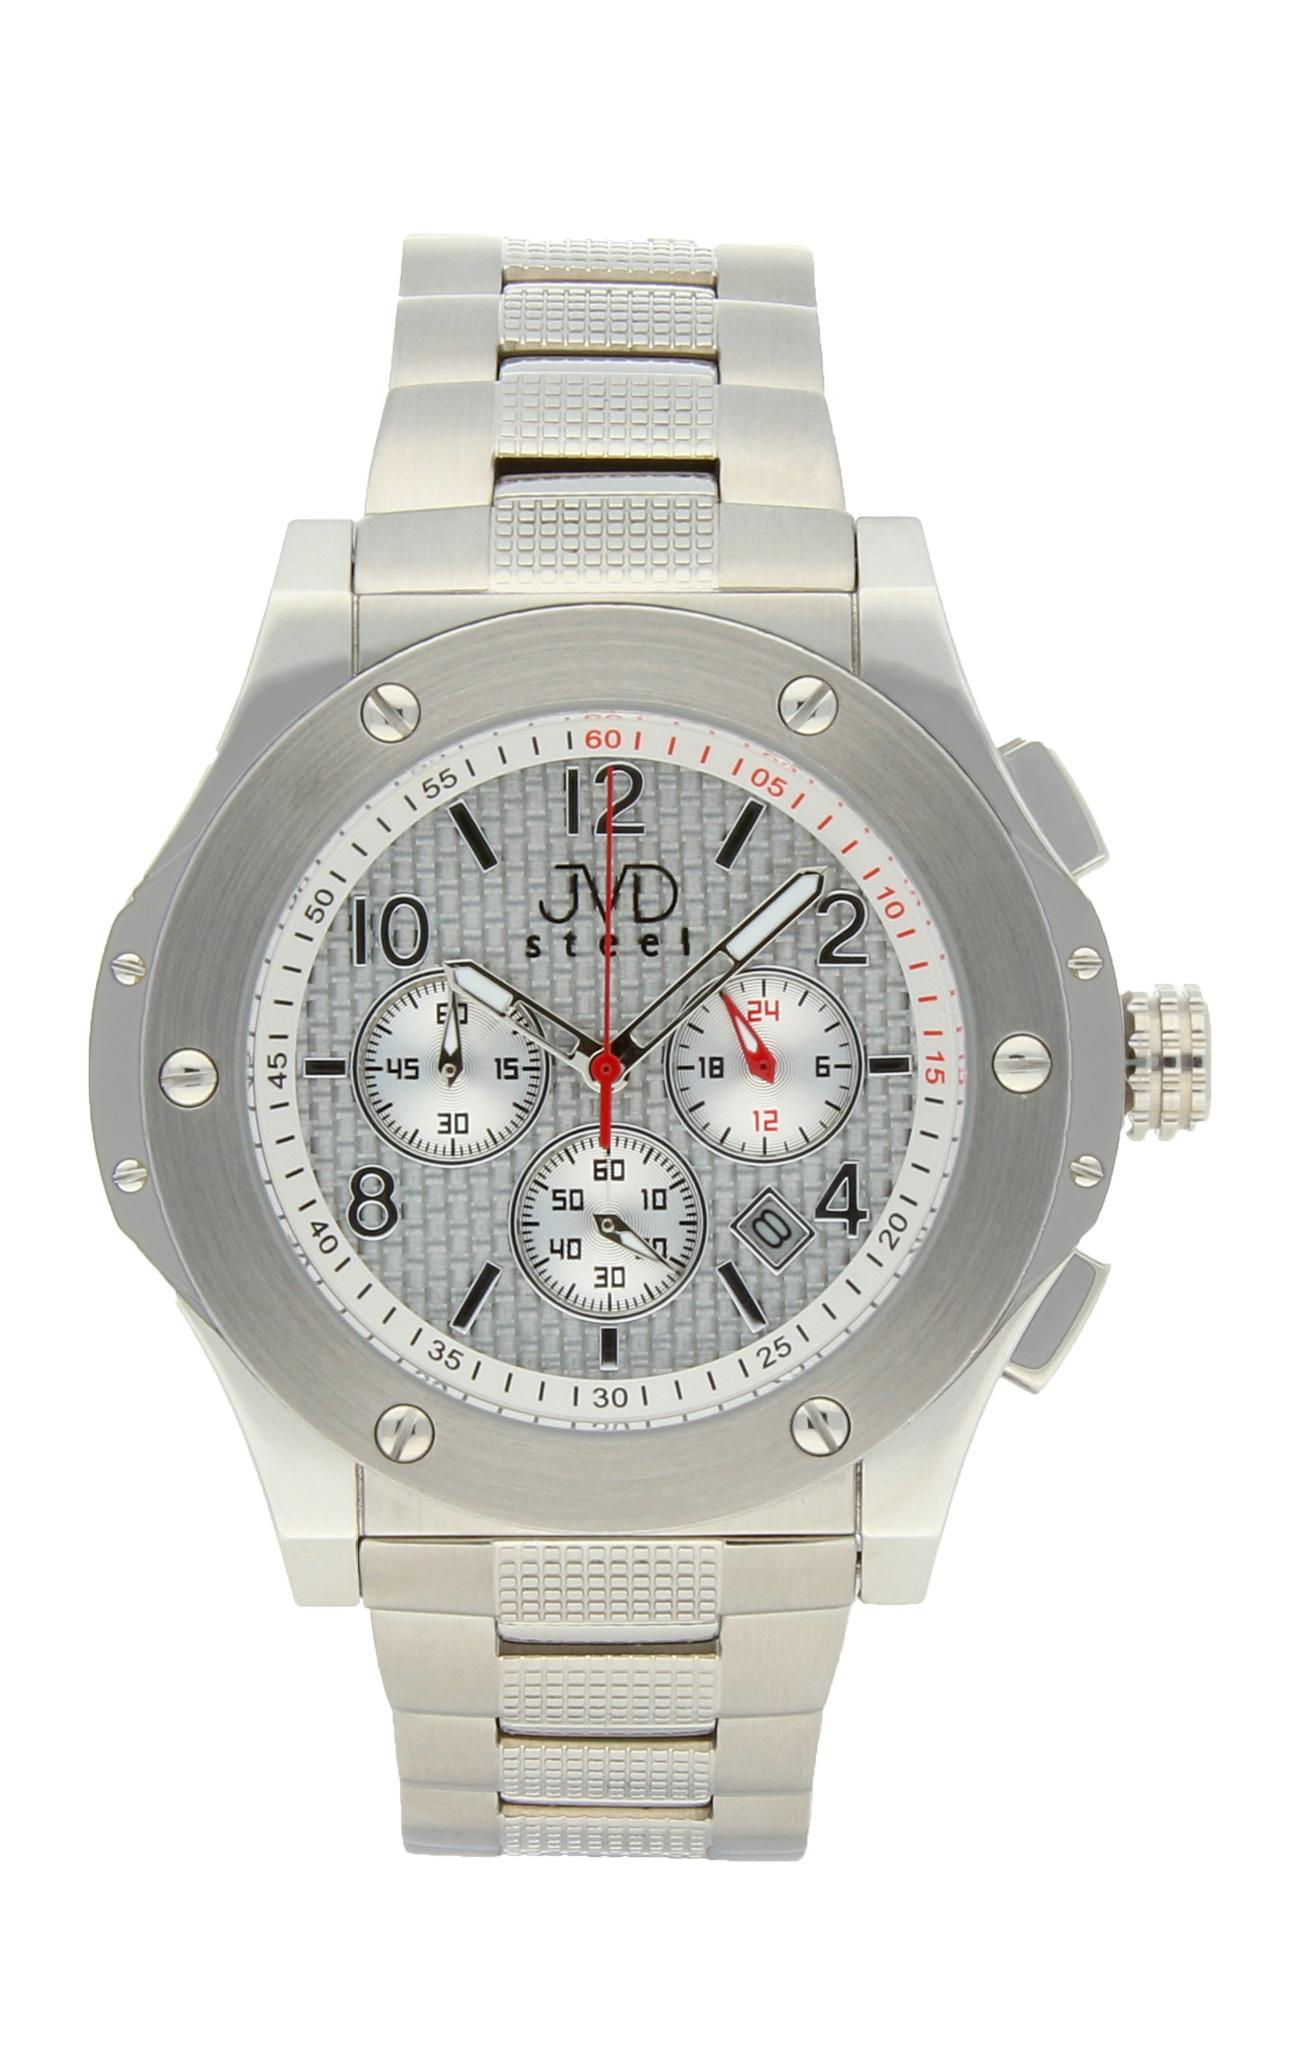 573d1ad80bc Luxusní pánské chronografy - vodotěsné hodinky Steel JVDC 732.1 (POŠTOVNÉ  ZDARMA!! - 10ATM